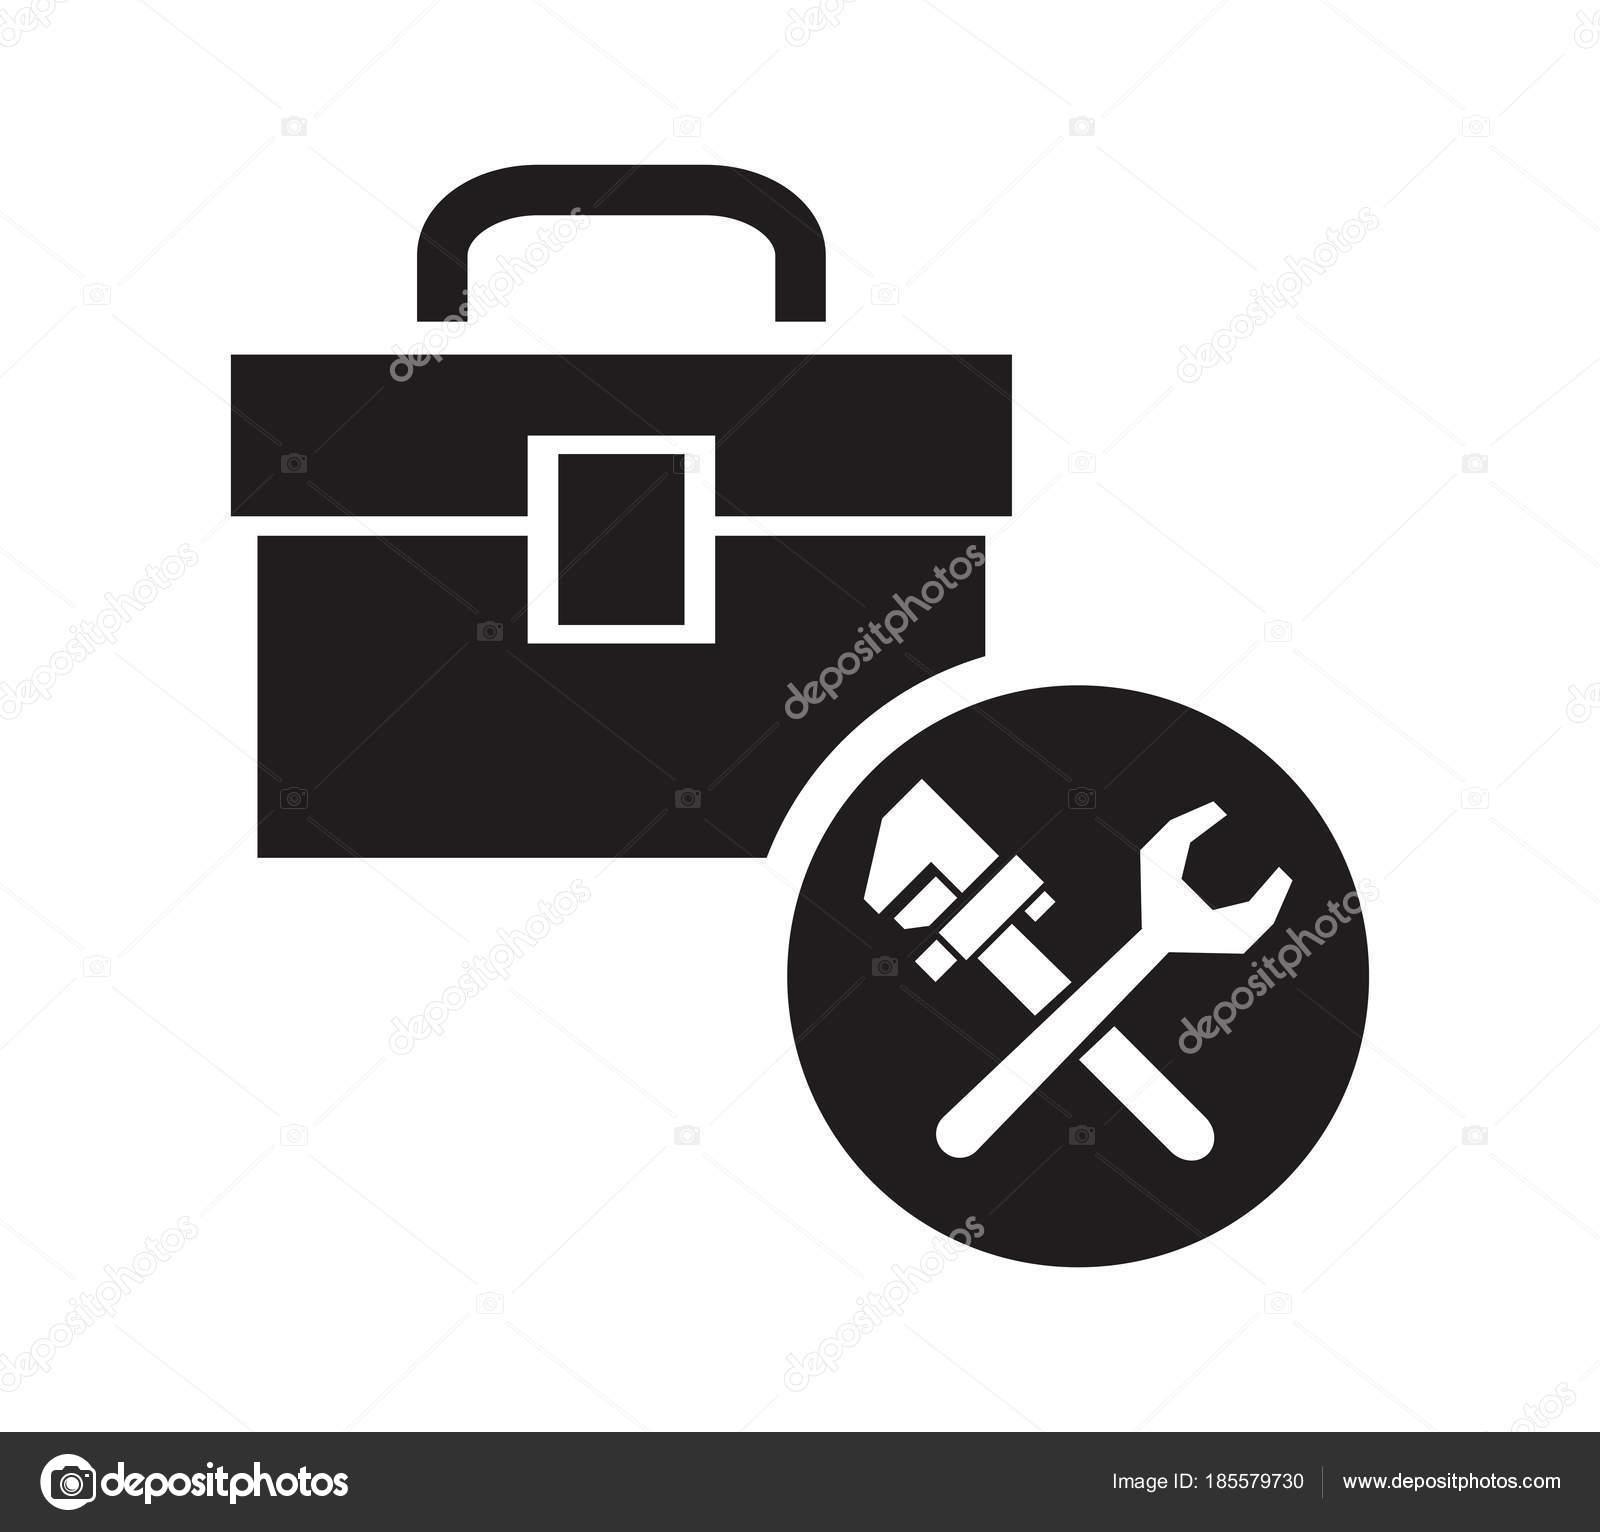 silueta negra kit de plomería con una llave de icono circular marco ...